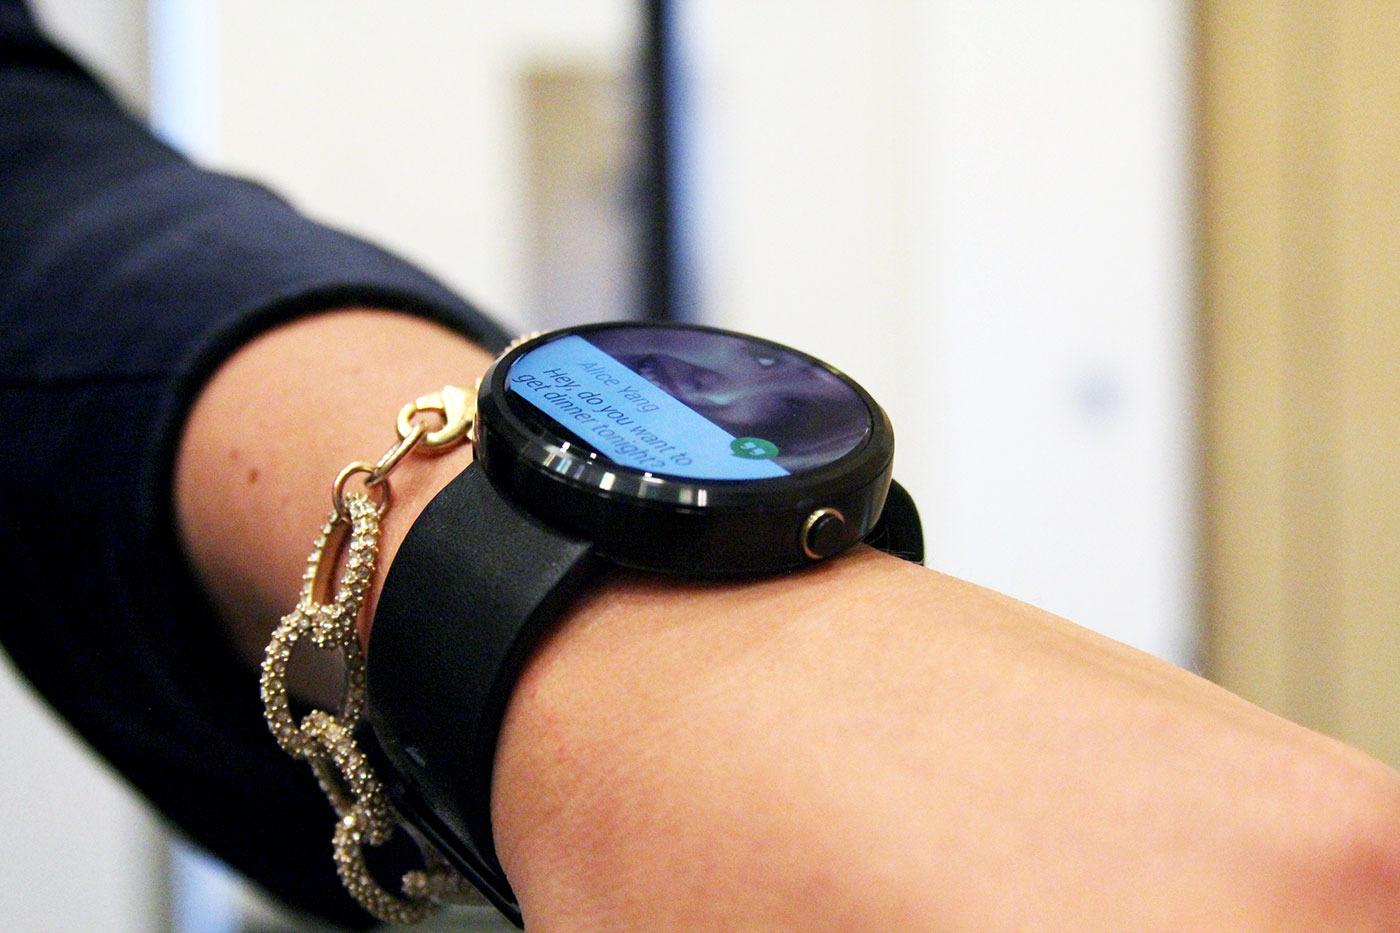 Descubre las ventajas del smartwatch